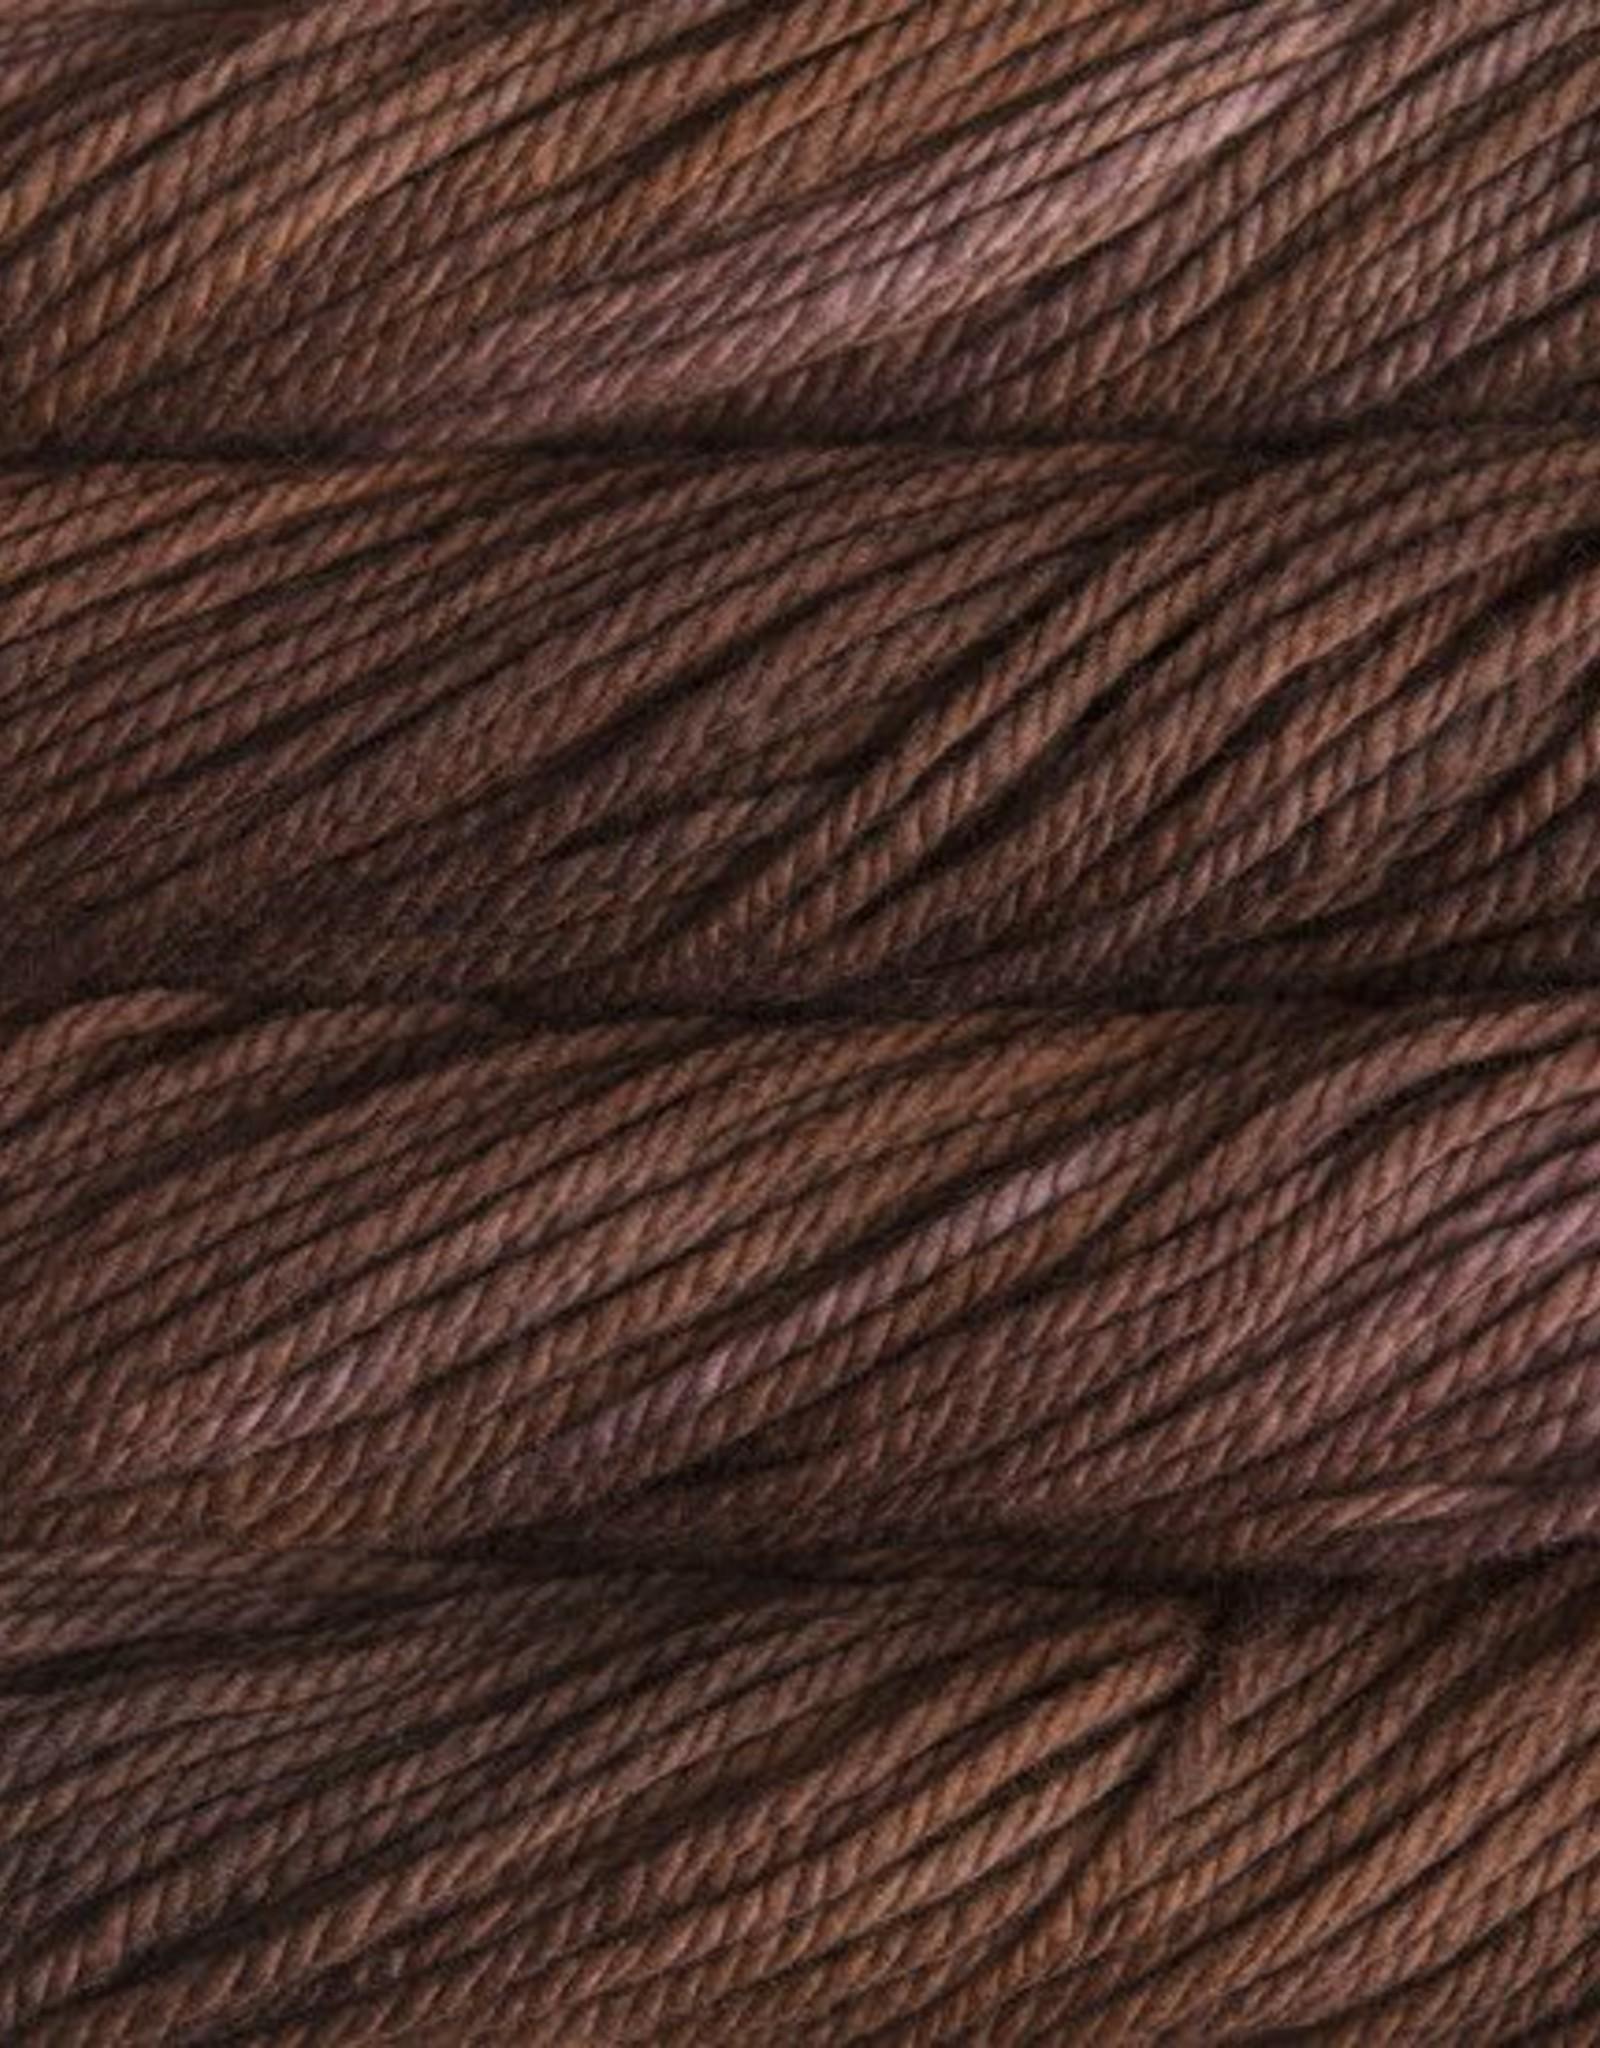 Malabrigo Chunky Marron Oscuro (CH181)